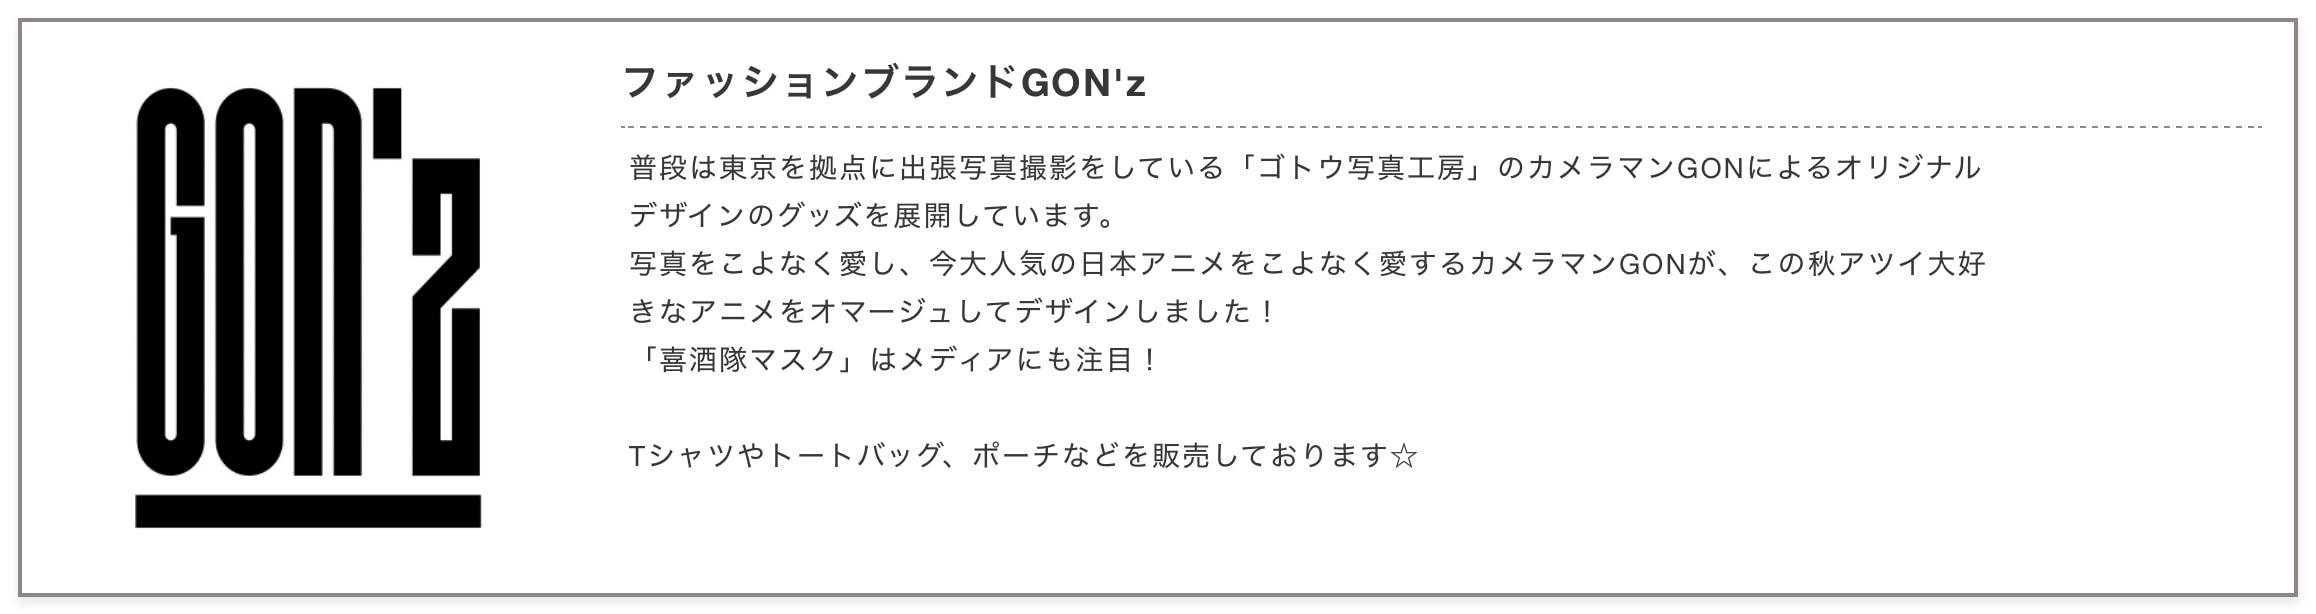 ファッションブランドGON'z|鬼滅の刃|喜撮隊|喜酒隊|コロナ対策マスク